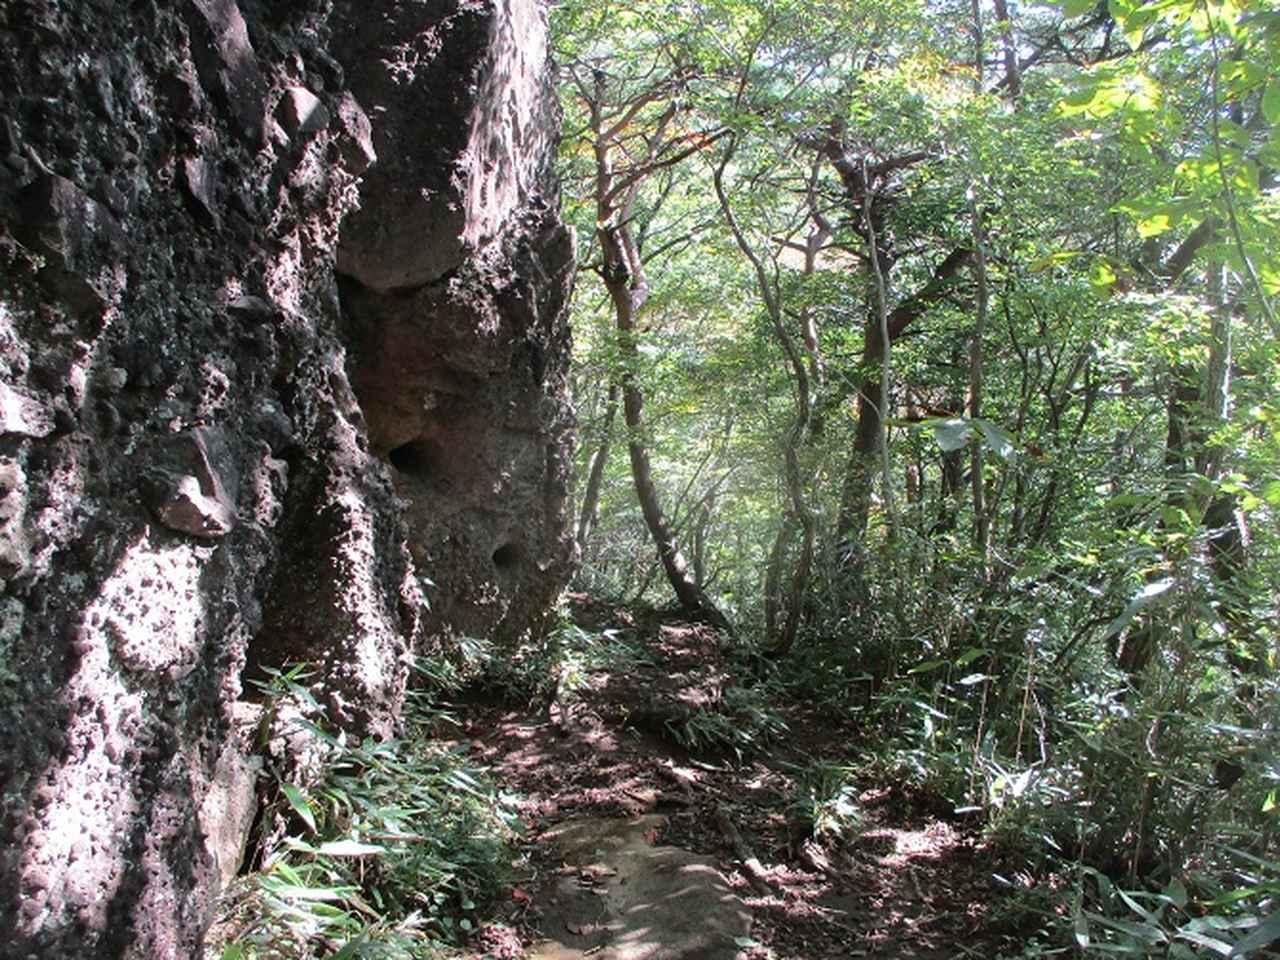 画像10: 11月の山旅会少人数ツアー 「霊山(りょうぜん)」 の下見にいってきました!